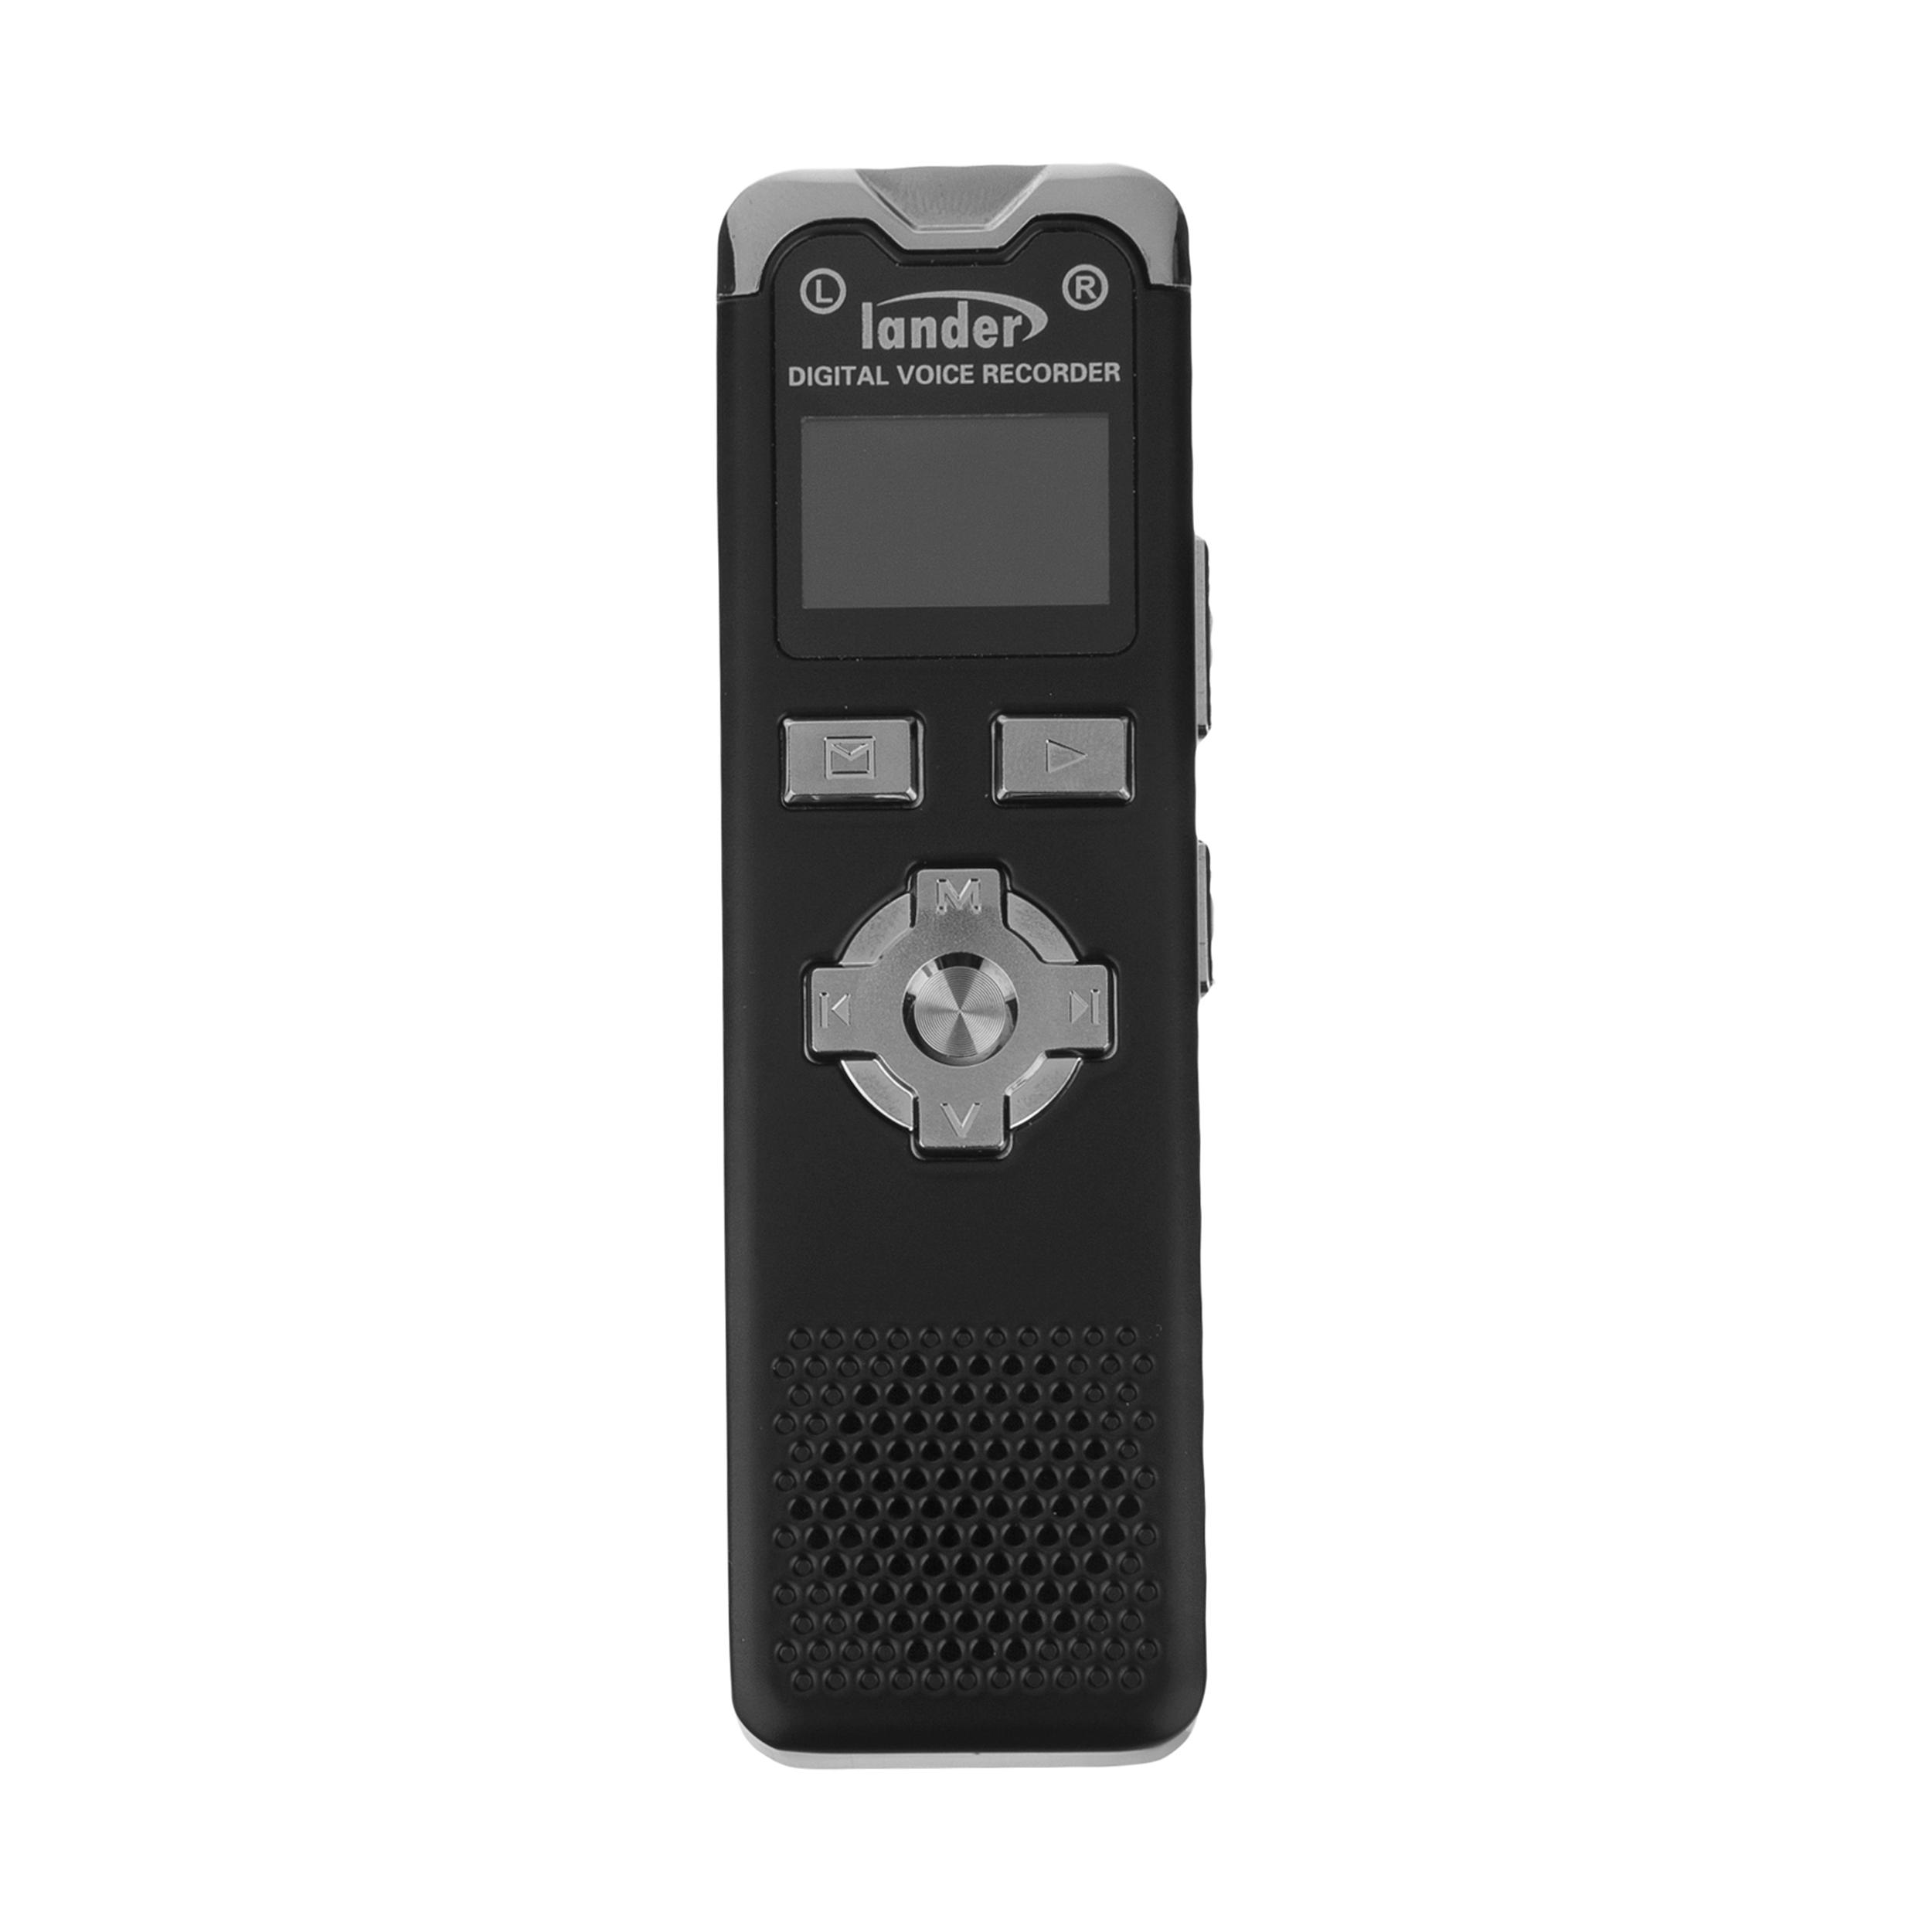 ضبط کننده دیجیتالی صدا لندر مدل LD-79